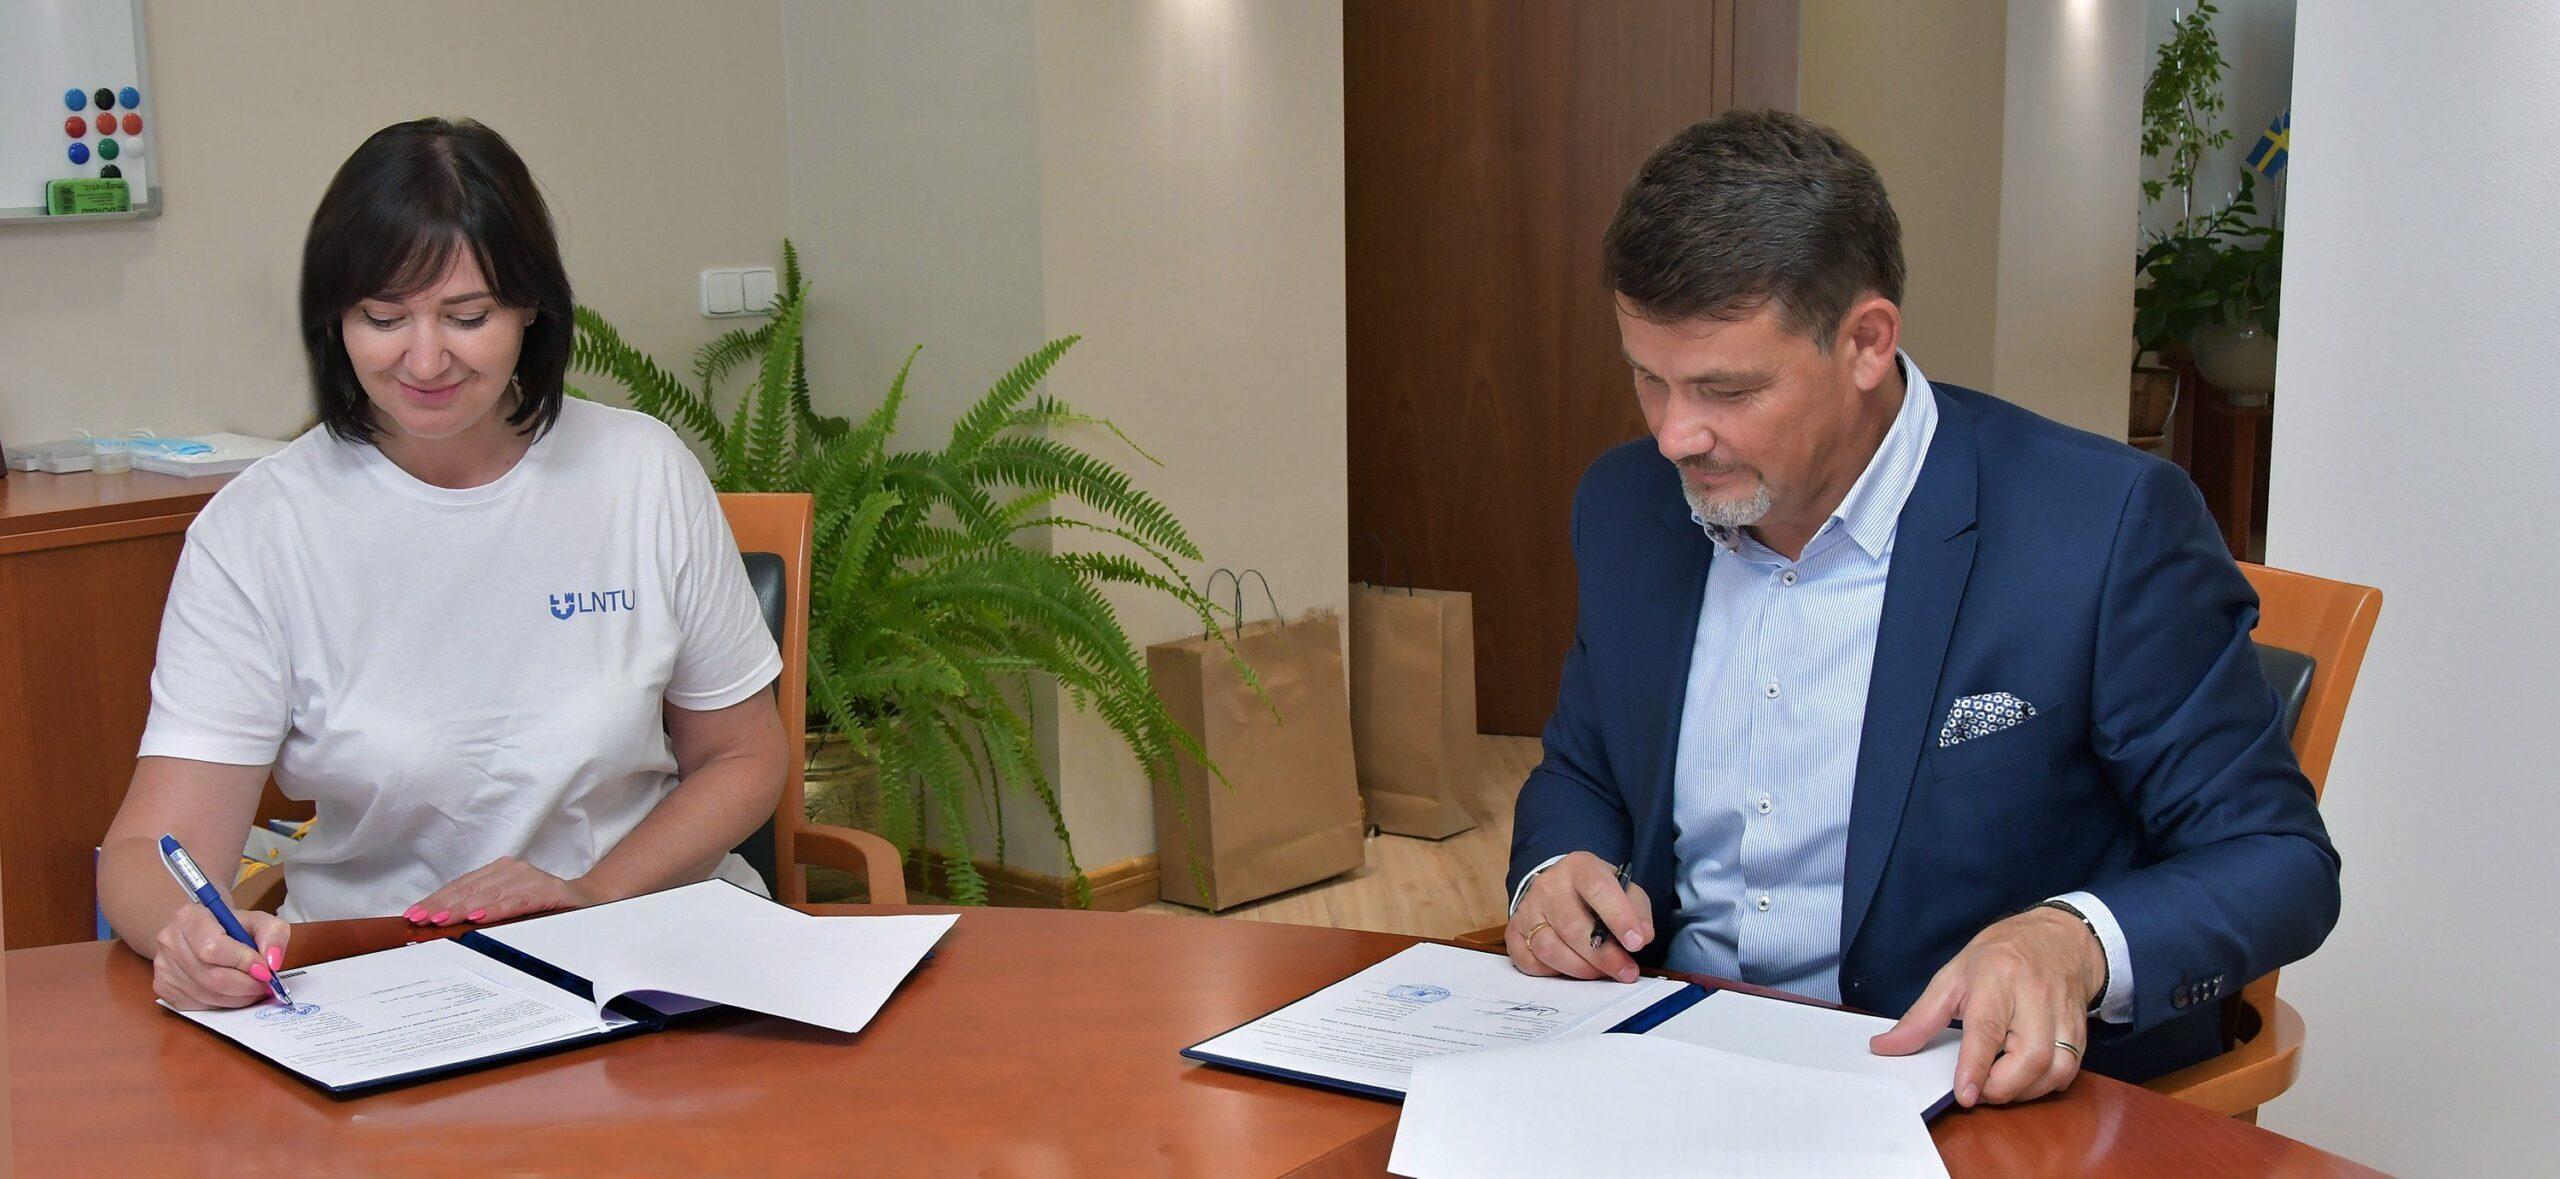 Рівненська АЕС та волинський ВУЗ уклали договір про співпрацю